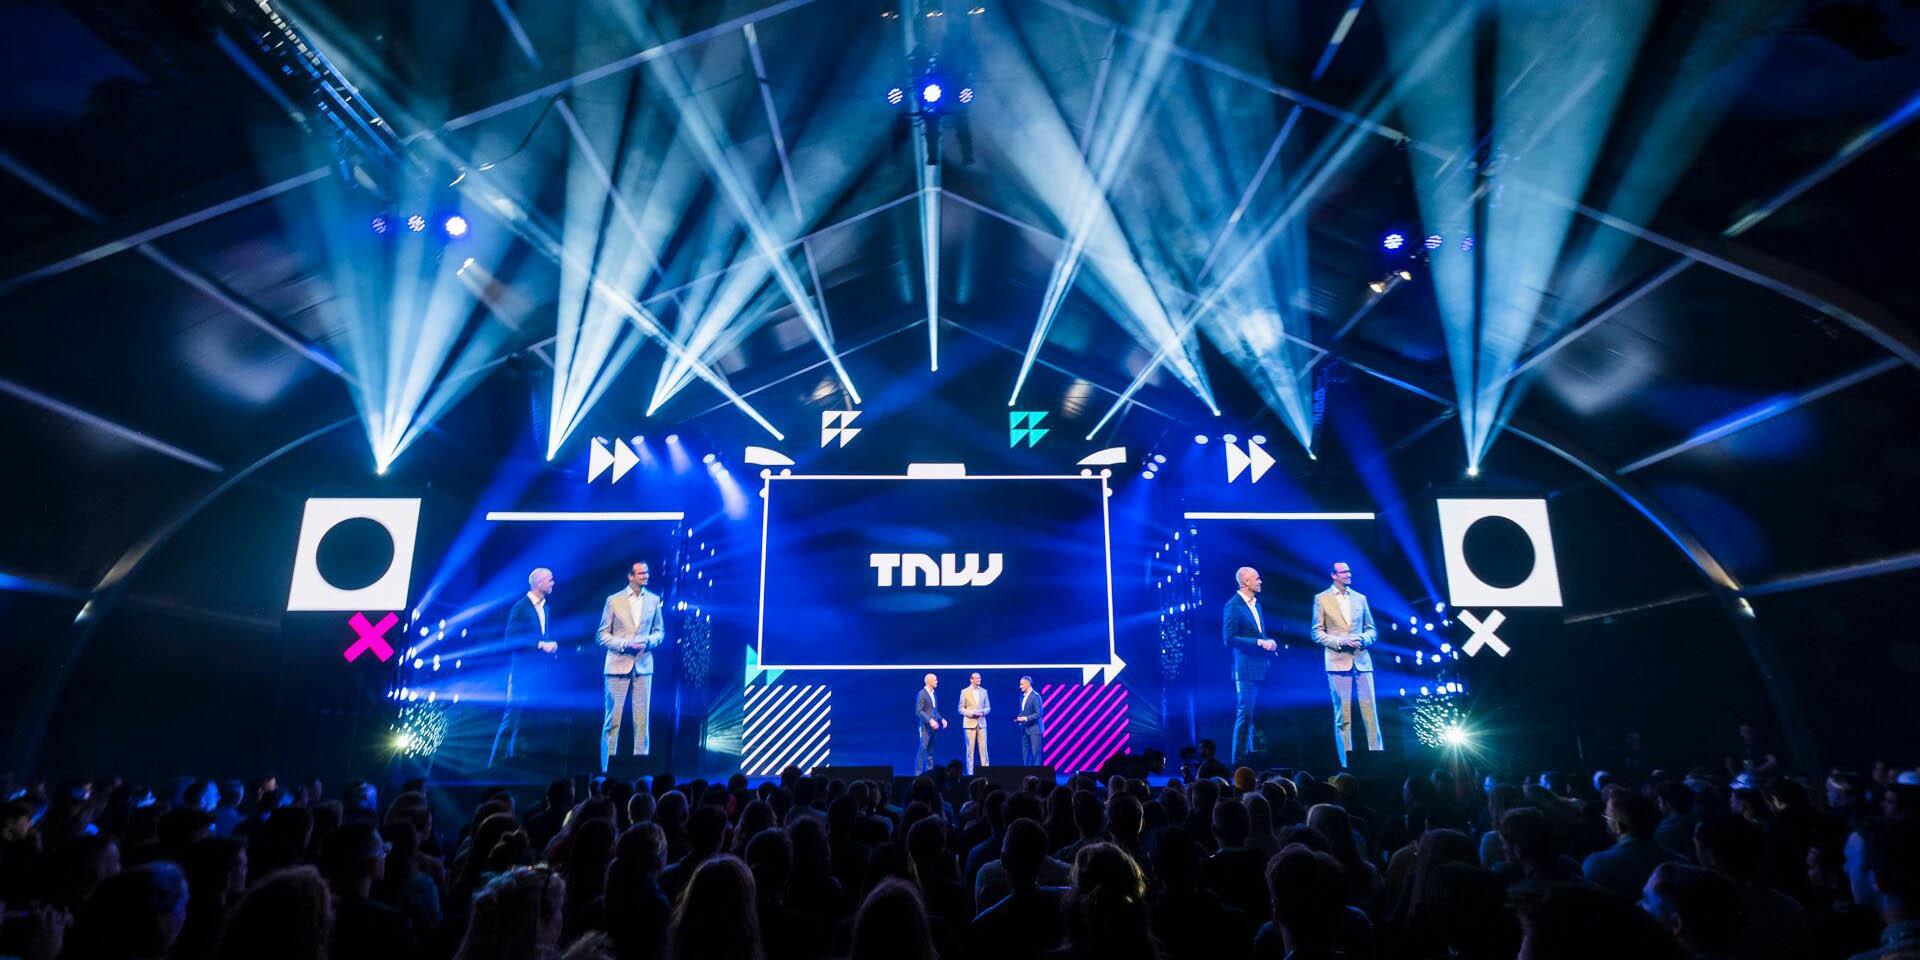 TNW2019 Main Stage 09 05 004 1440x720